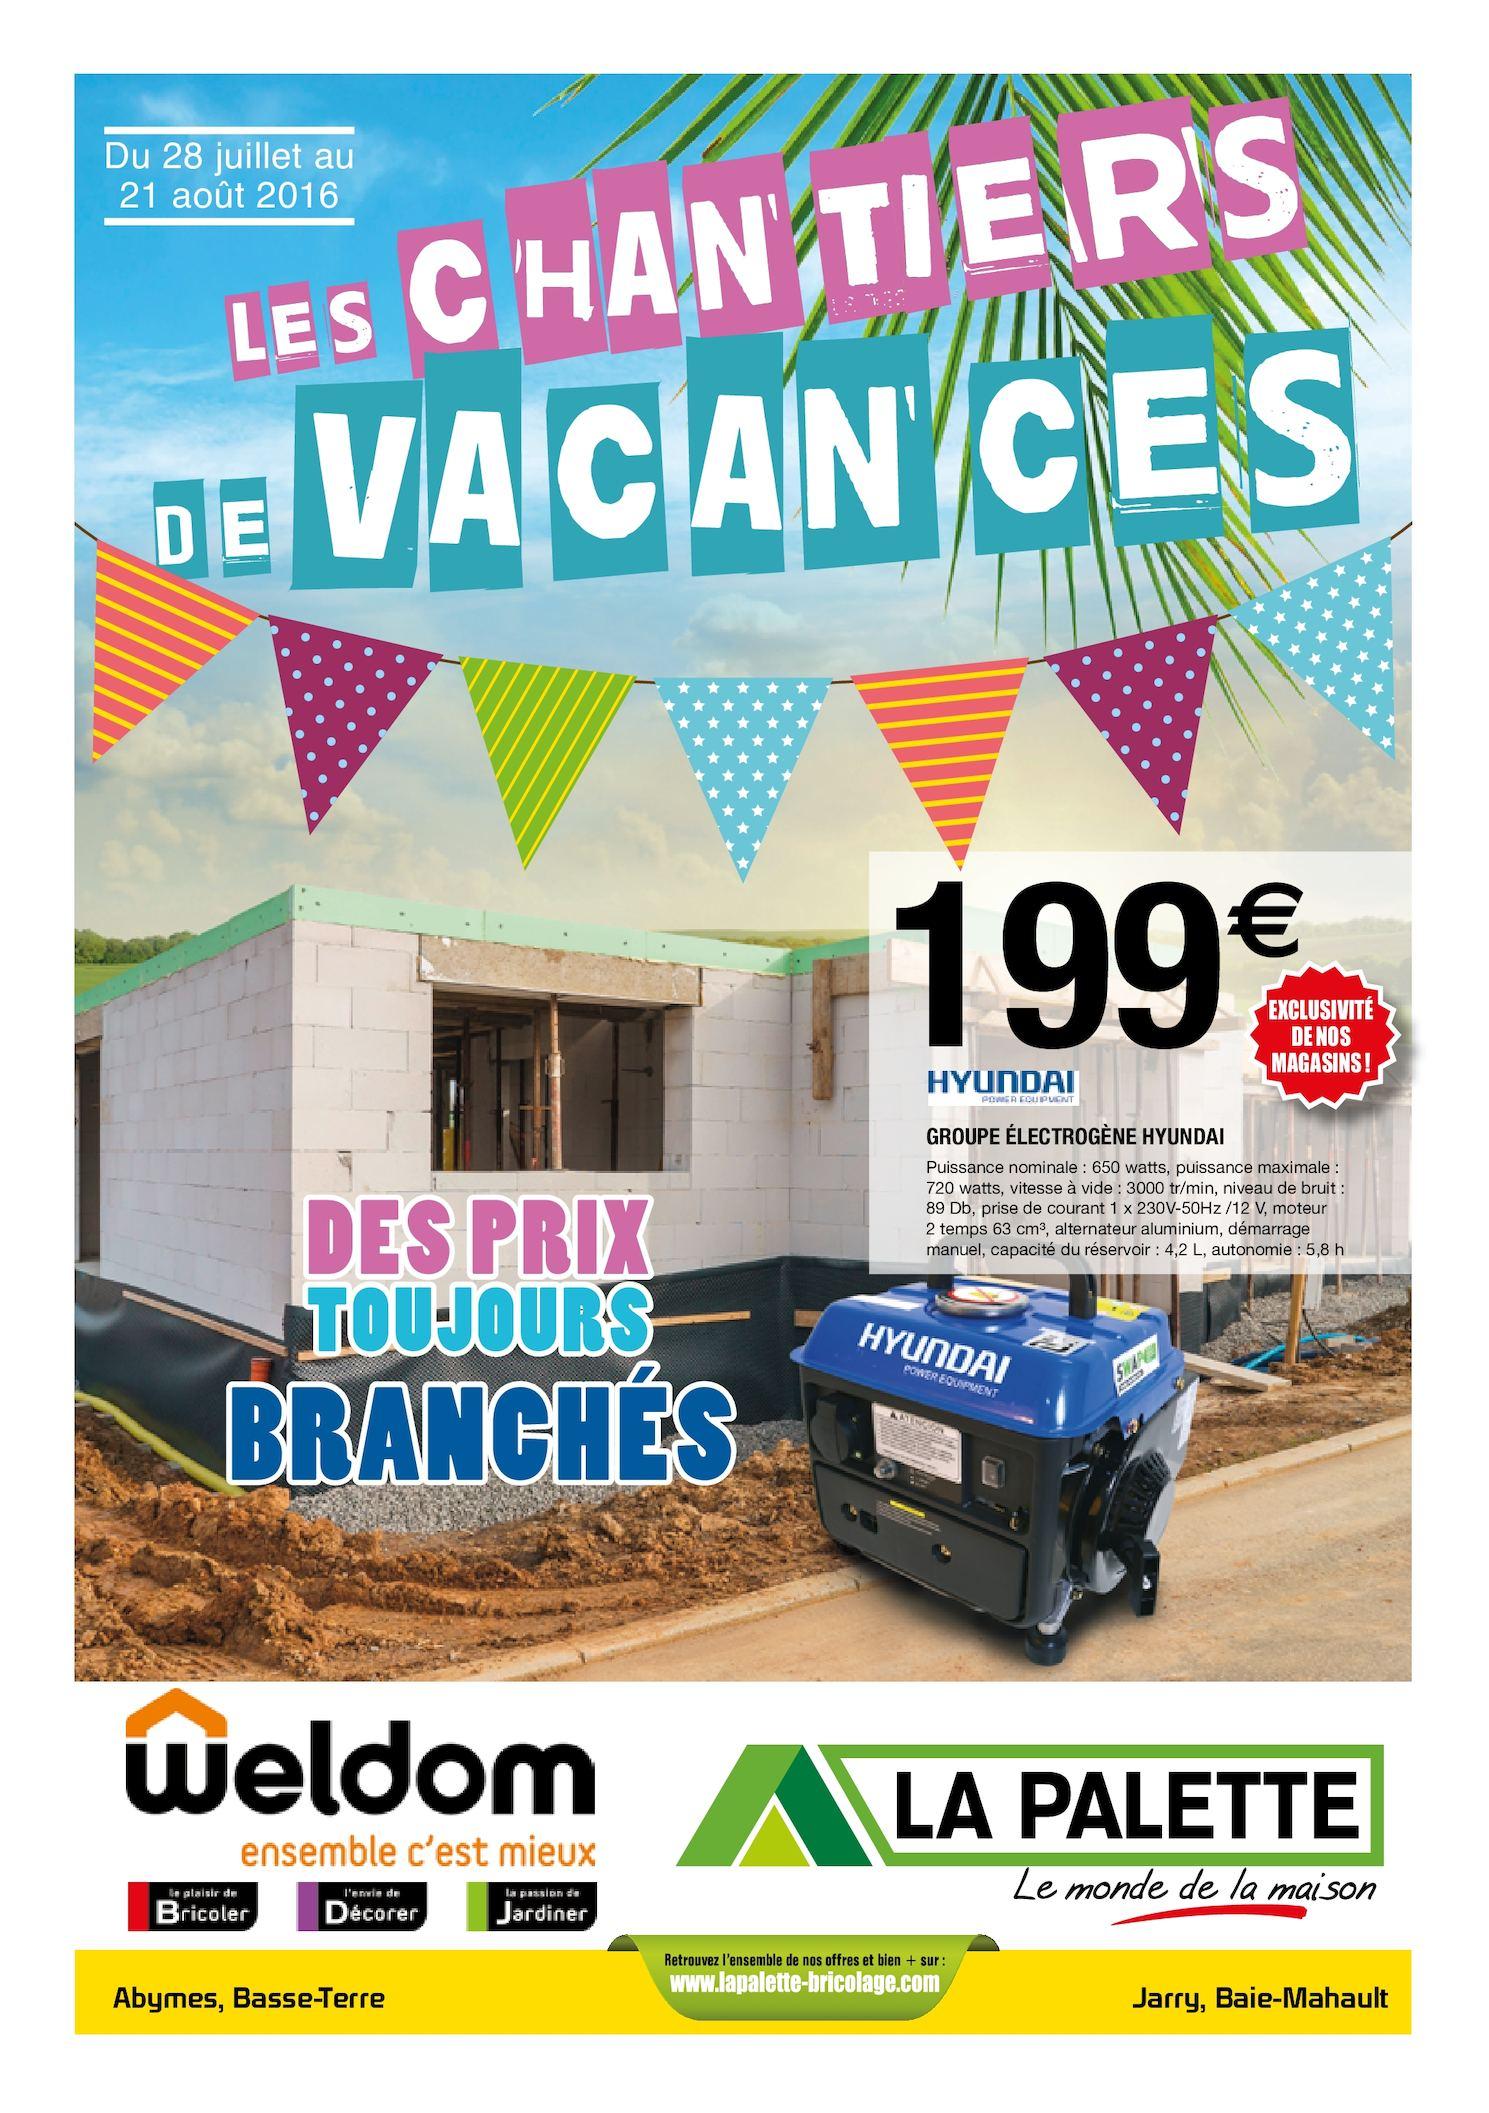 Calaméo La Paletteweldom Guadeloupe Chantiers De Vacances